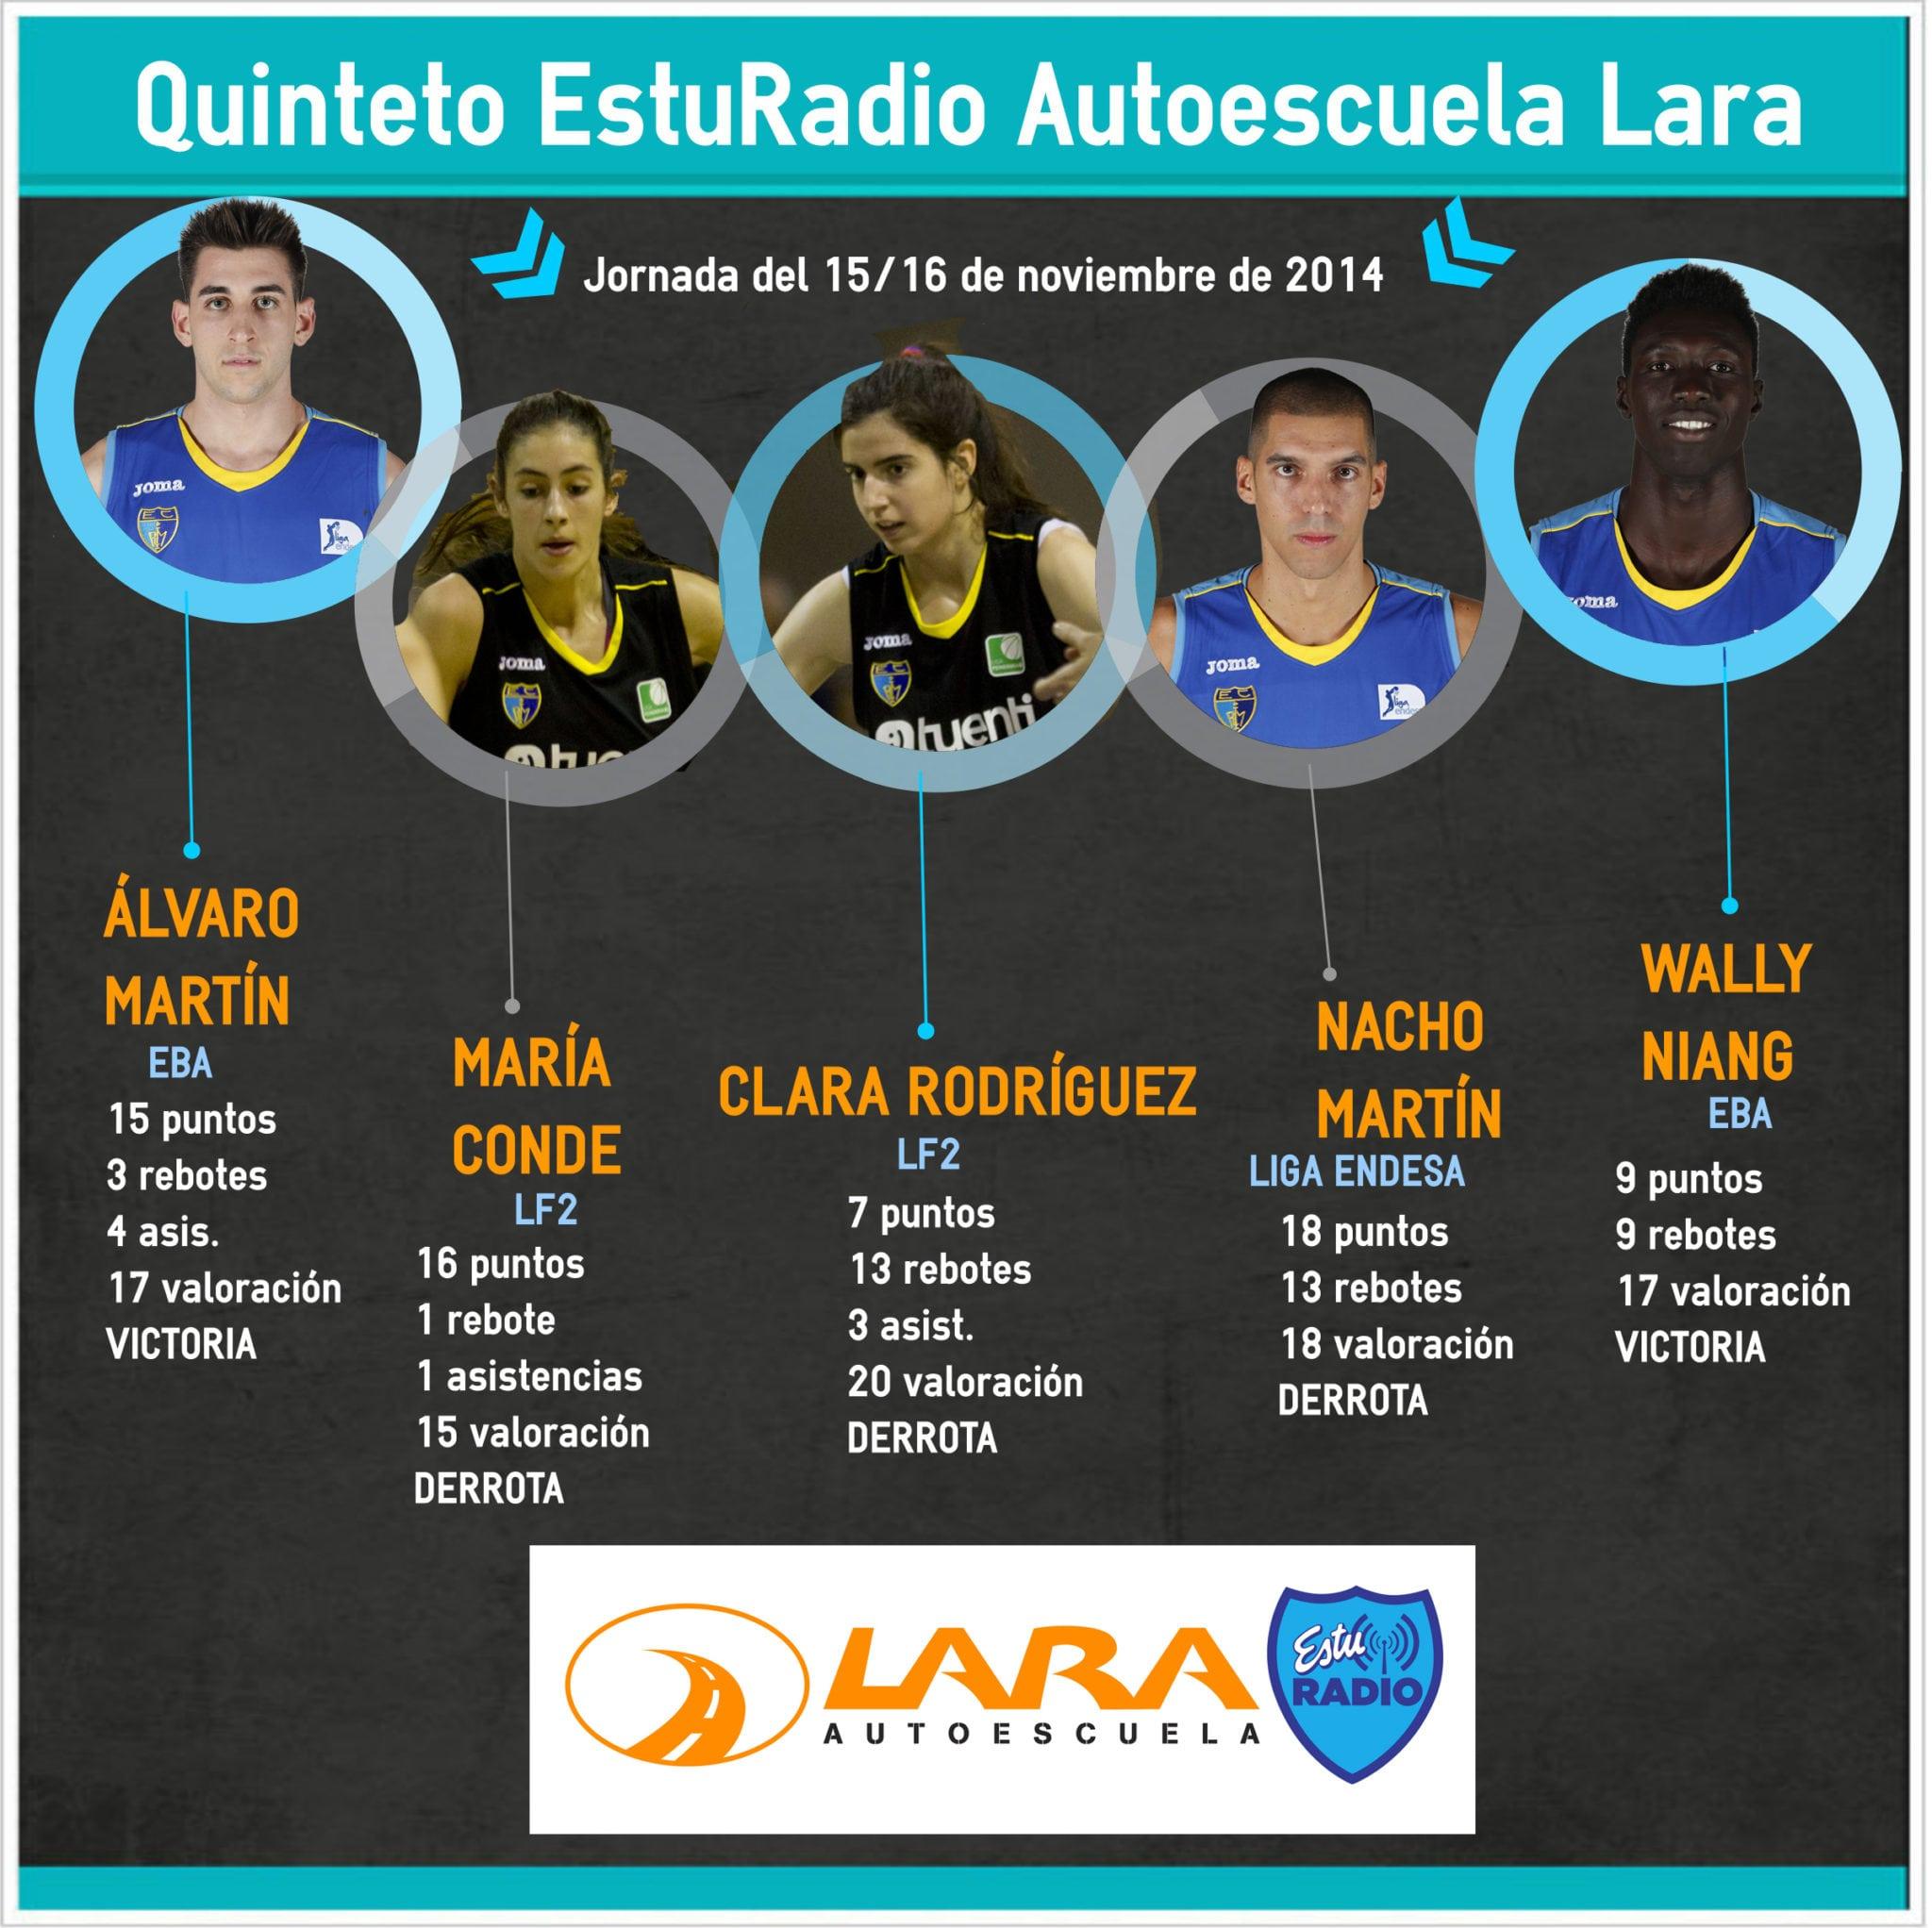 Quinteto Autoescuela Lara EstuRadio: Álvaro Martín, María Conde, Clara Rodríguez, Nacho Martín y Wally Niang